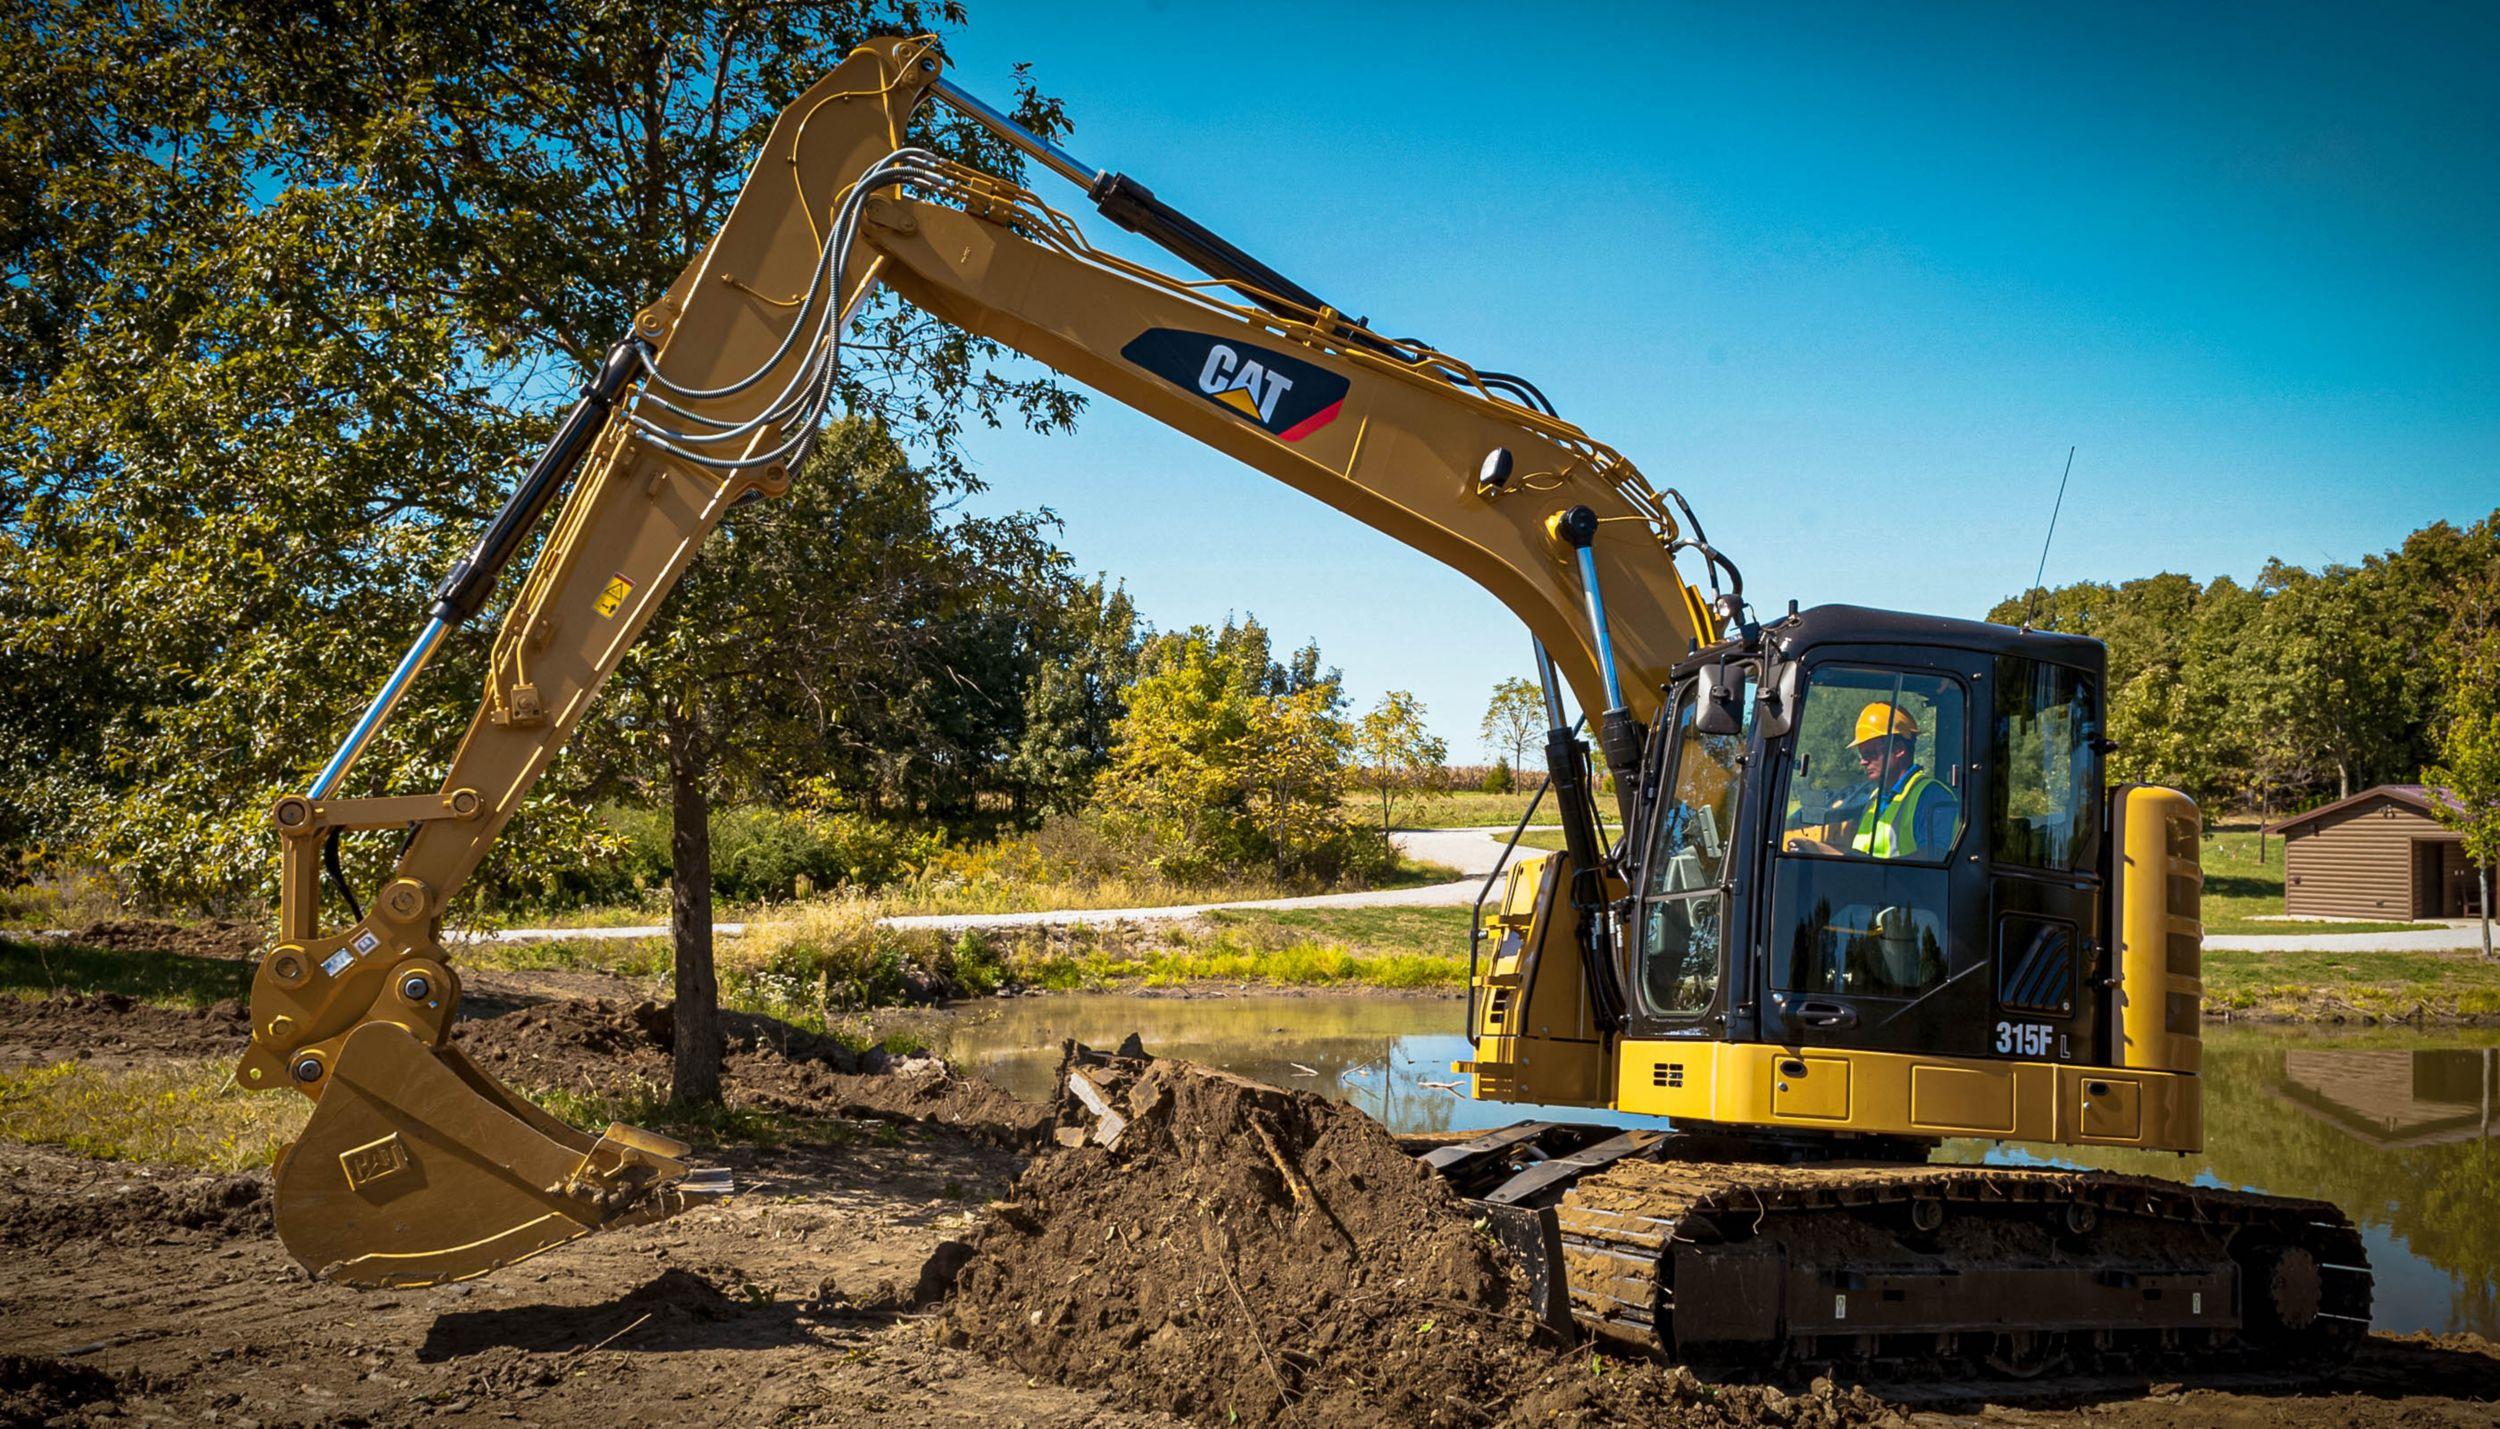 Cat | 315F Hydraulic Excavator | Caterpillar